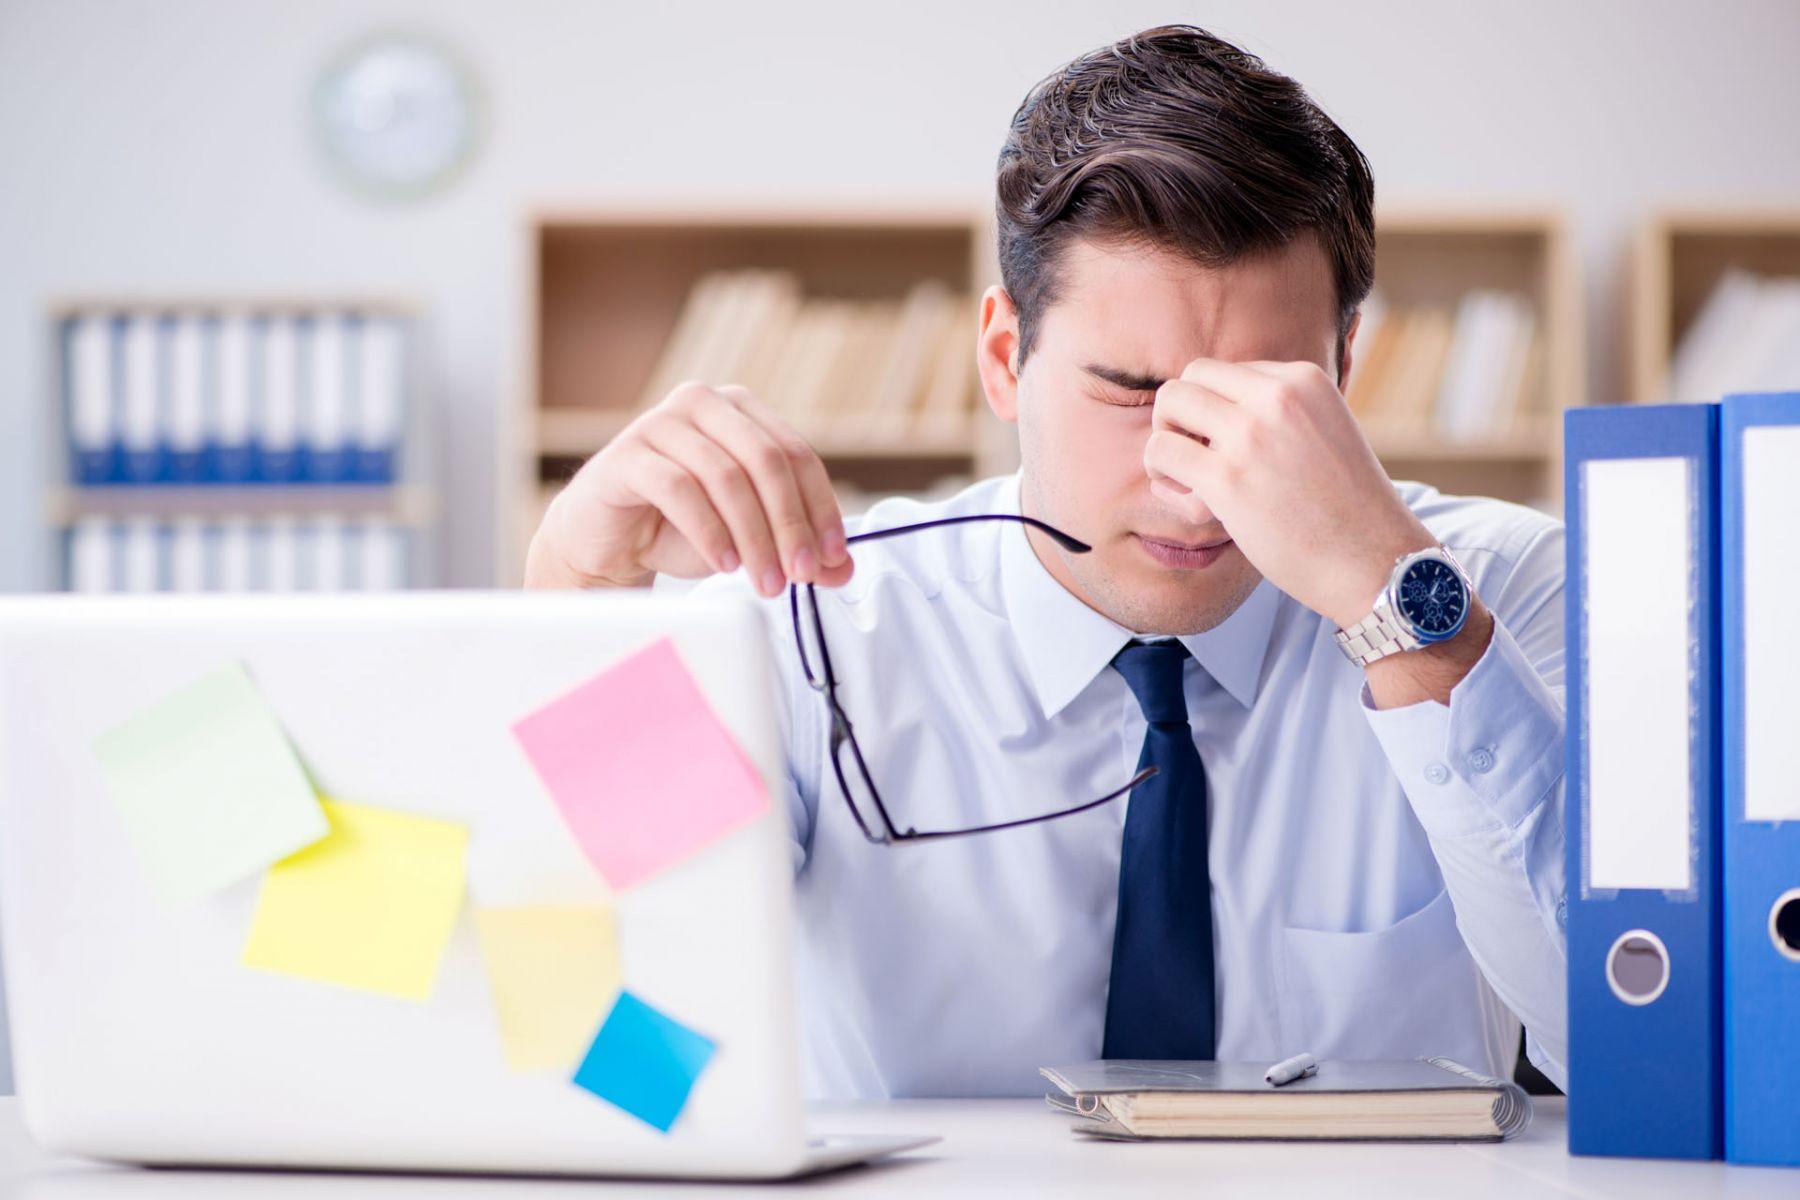 每天加班、忙到沒時間休假...其實,你真的沒那麼重要!